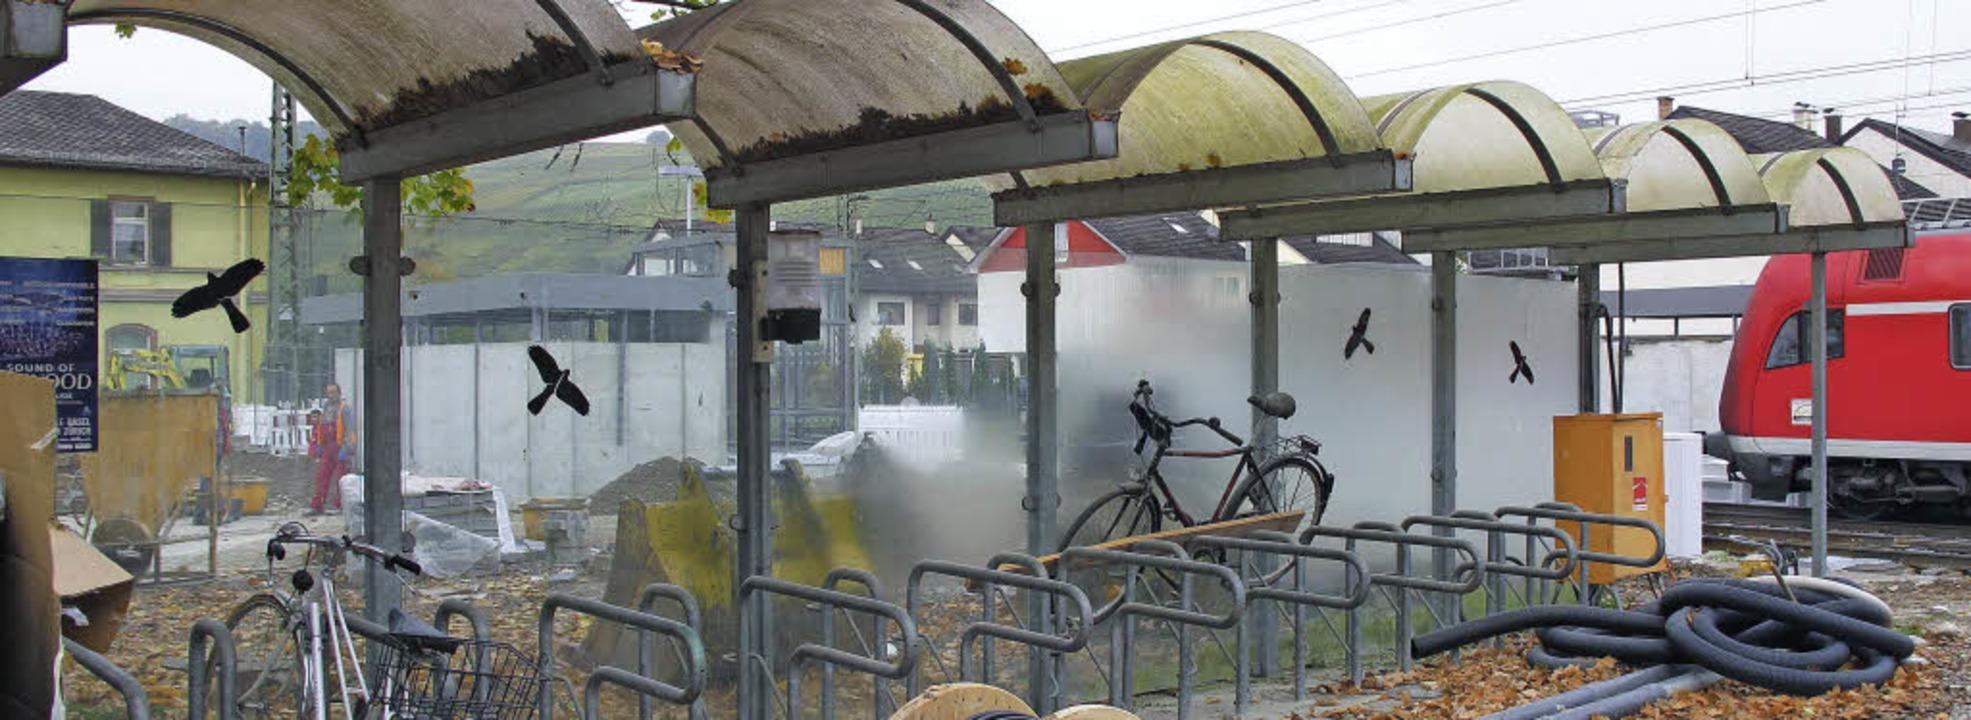 Beim jetzigen Fahrradabstellplatz am B...schließbare Bike-Box aufgebaut werden.  | Foto: Jutta Schütz